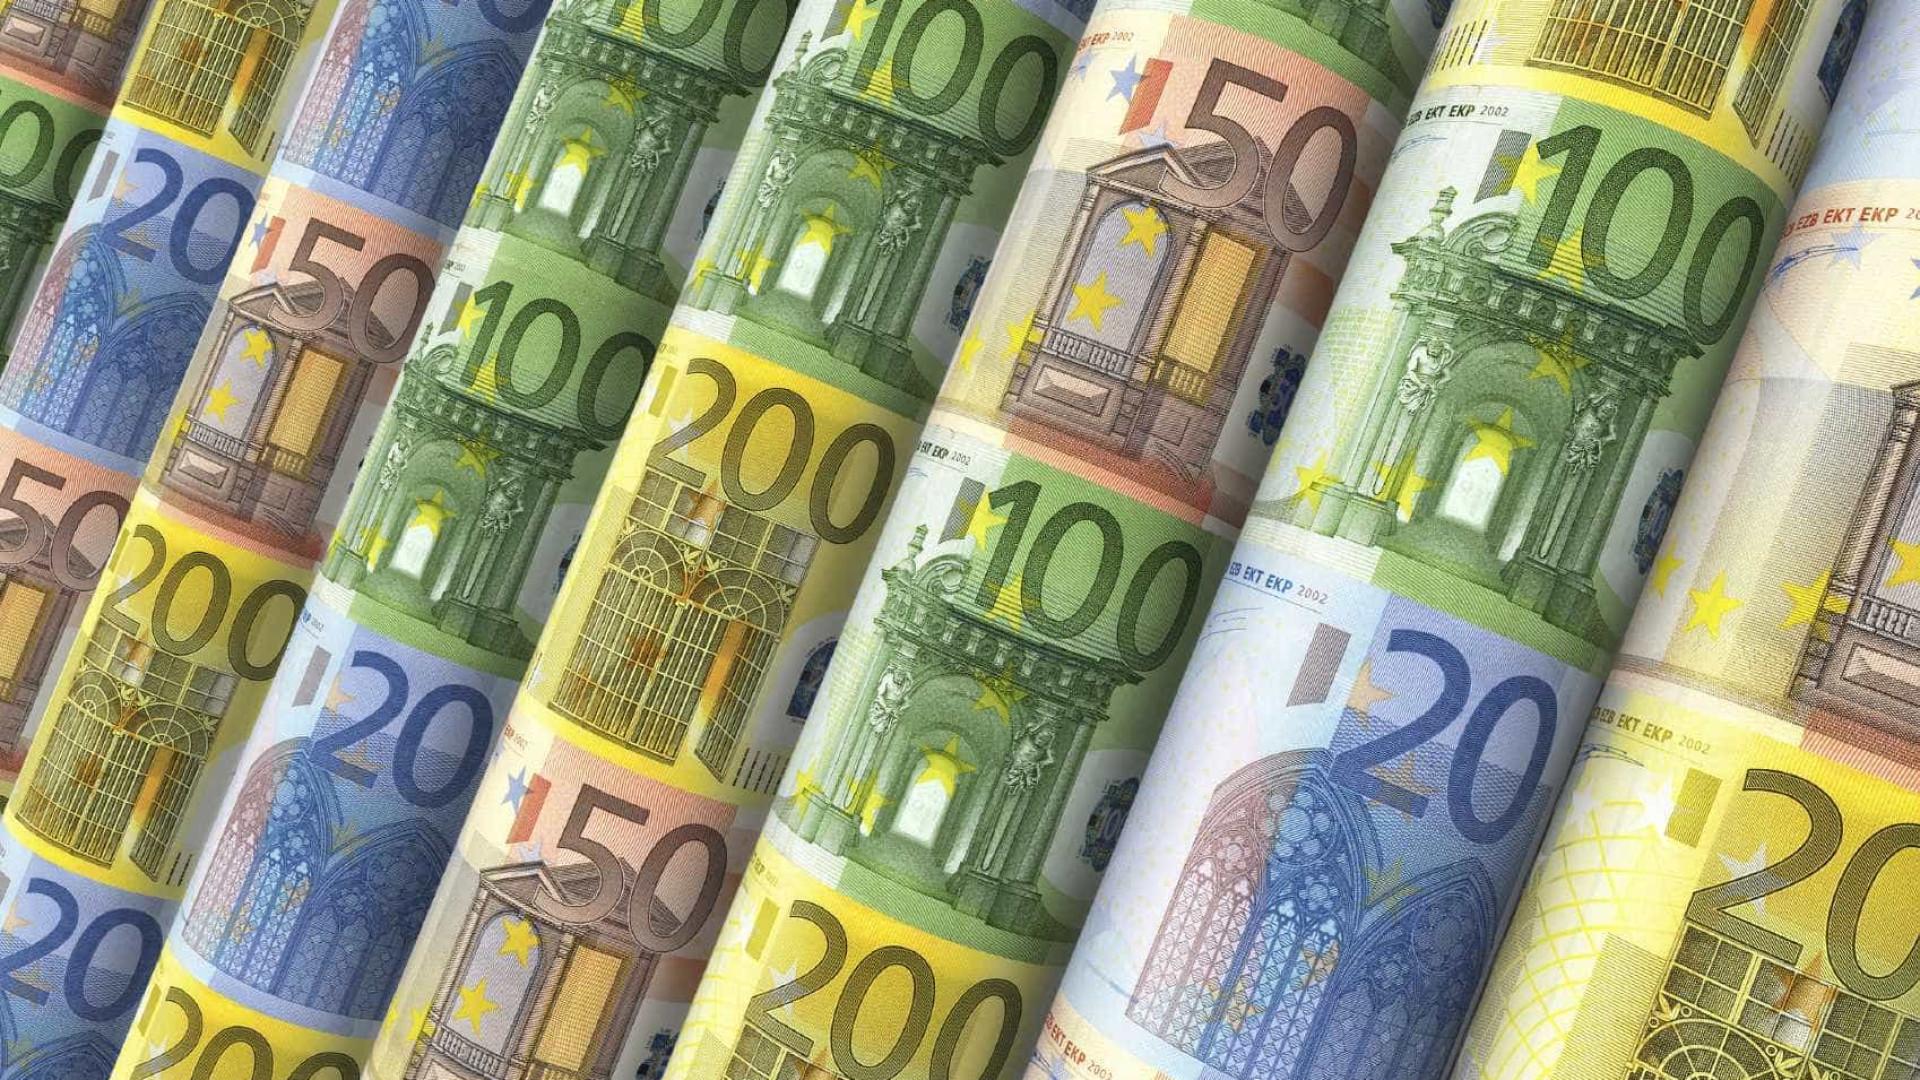 Juros da dívida de Portugal a subir a 2, 5 e 10 anos